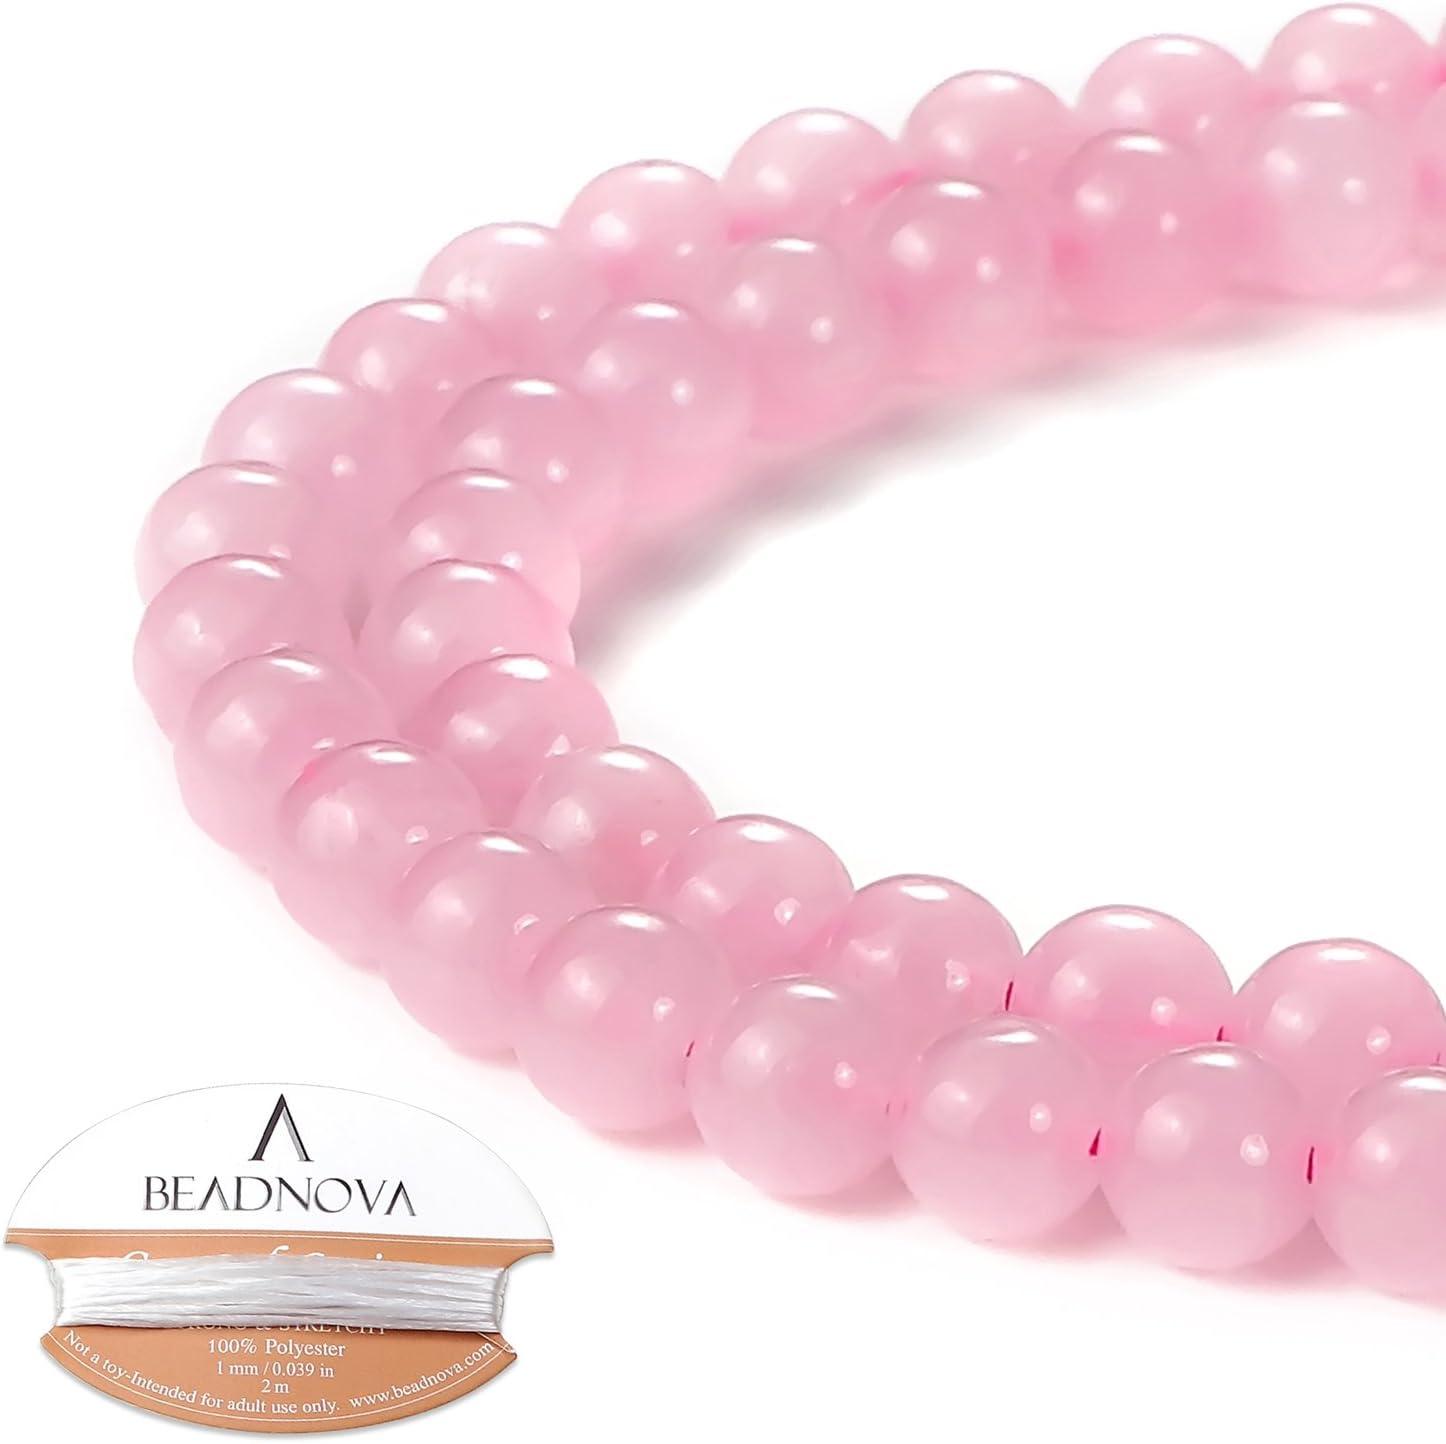 Chunky Rose Quartz Beads Rose Quartz Beads Carved Rose Quartz Natural Rose Quartz Beads Rose Quartz Carved Rose Quartz Crystal